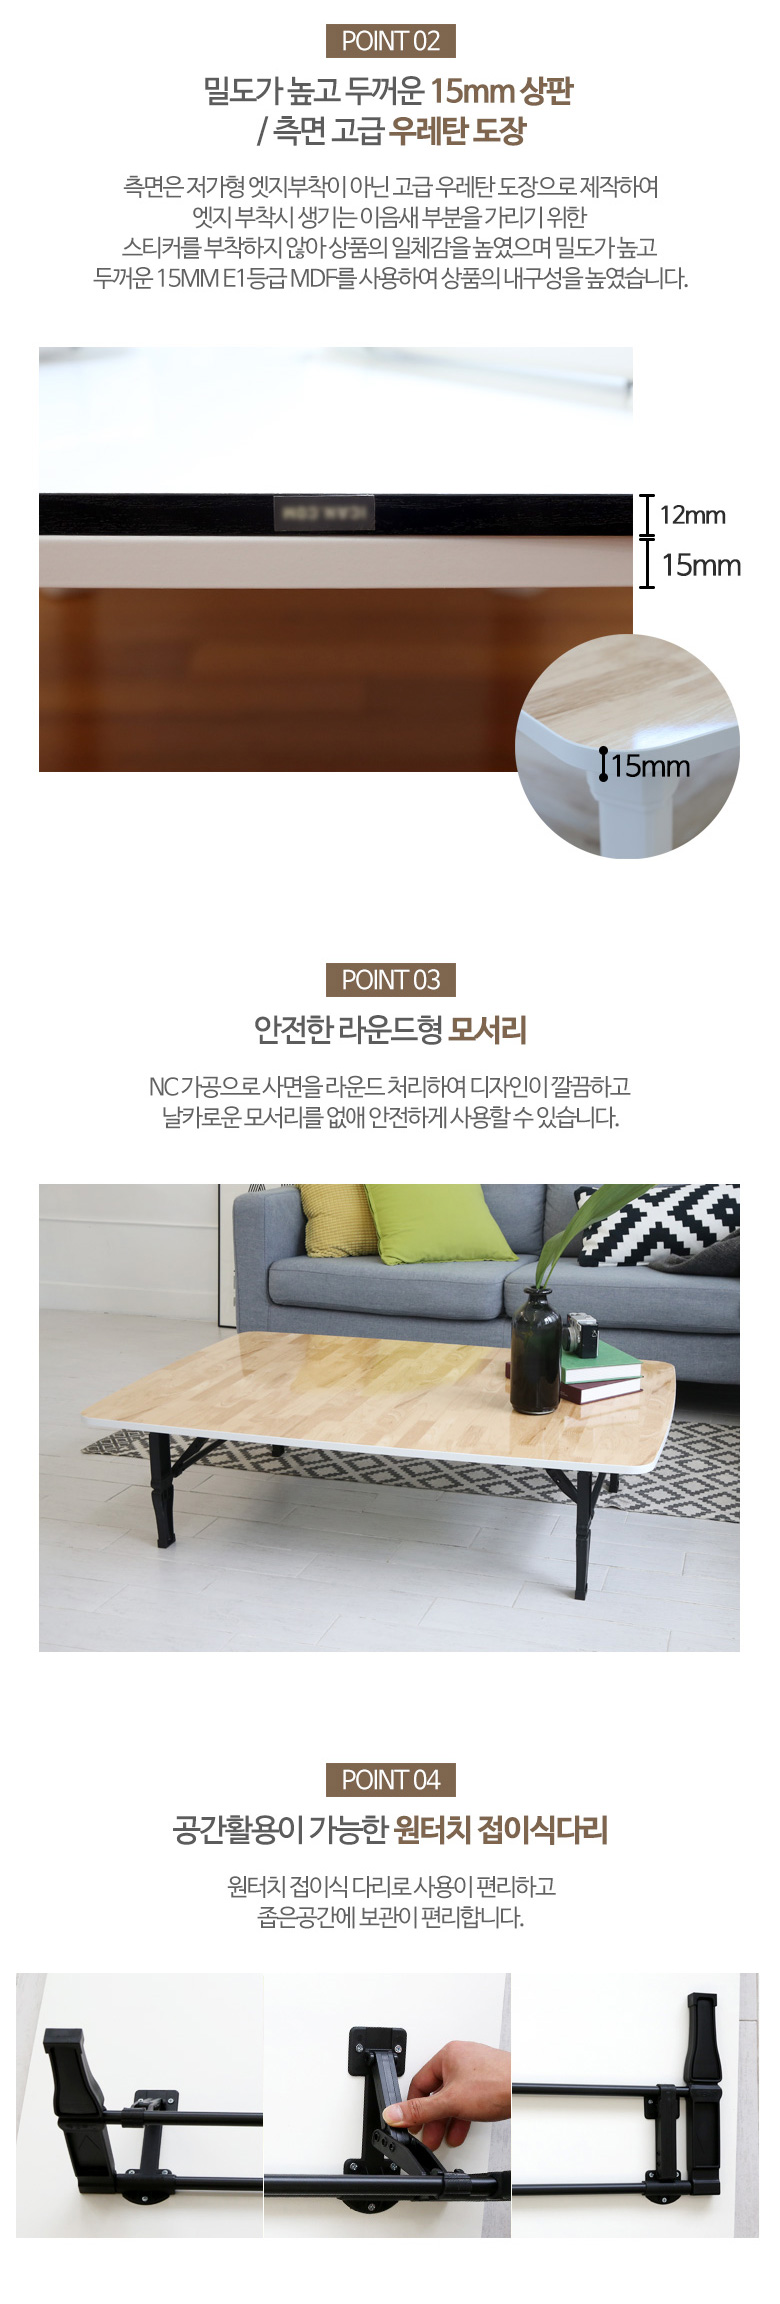 레인보우 LPM 쌍발 라운드 접이식 테이블 1200-800 블랙대리석 - 레인보우, 54,900원, 식탁/의자, 밥상/다과상/좌식테이블